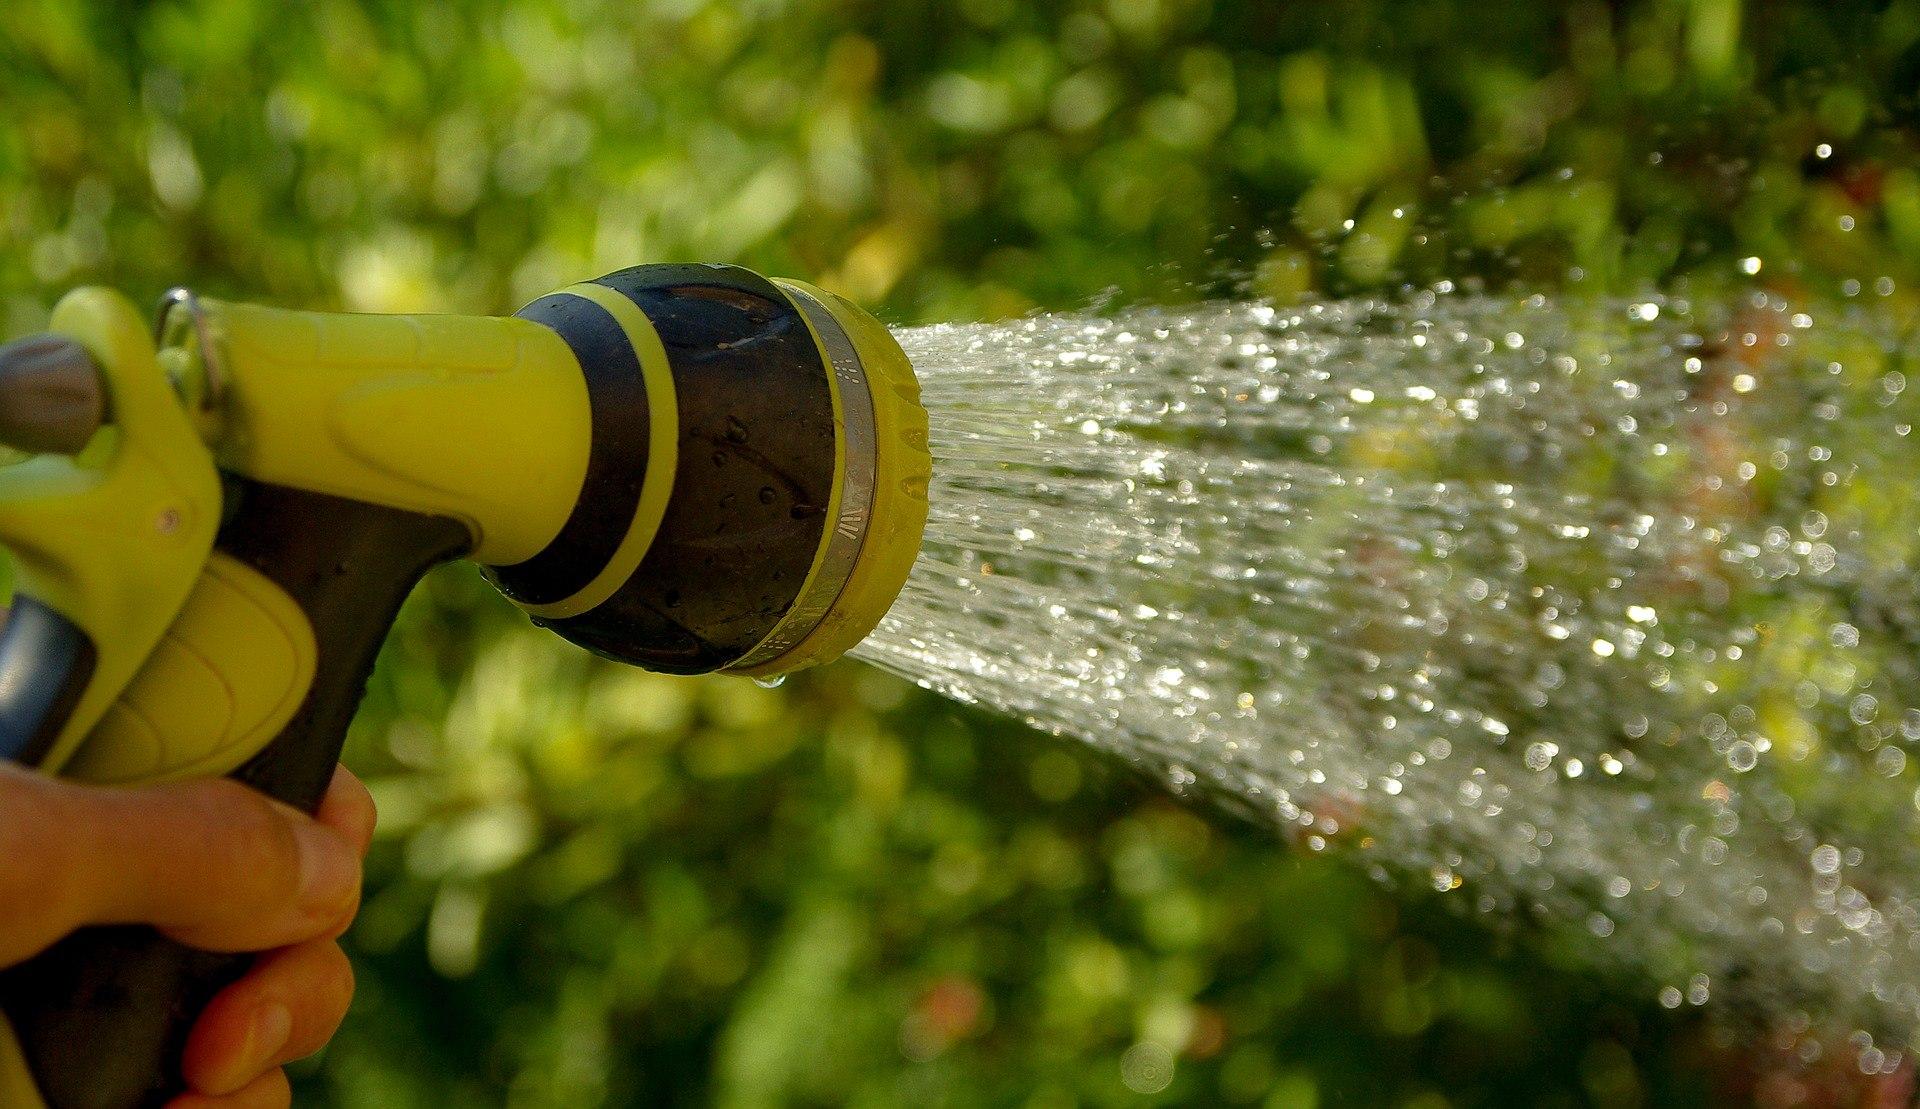 Sprinkler's Nozzles